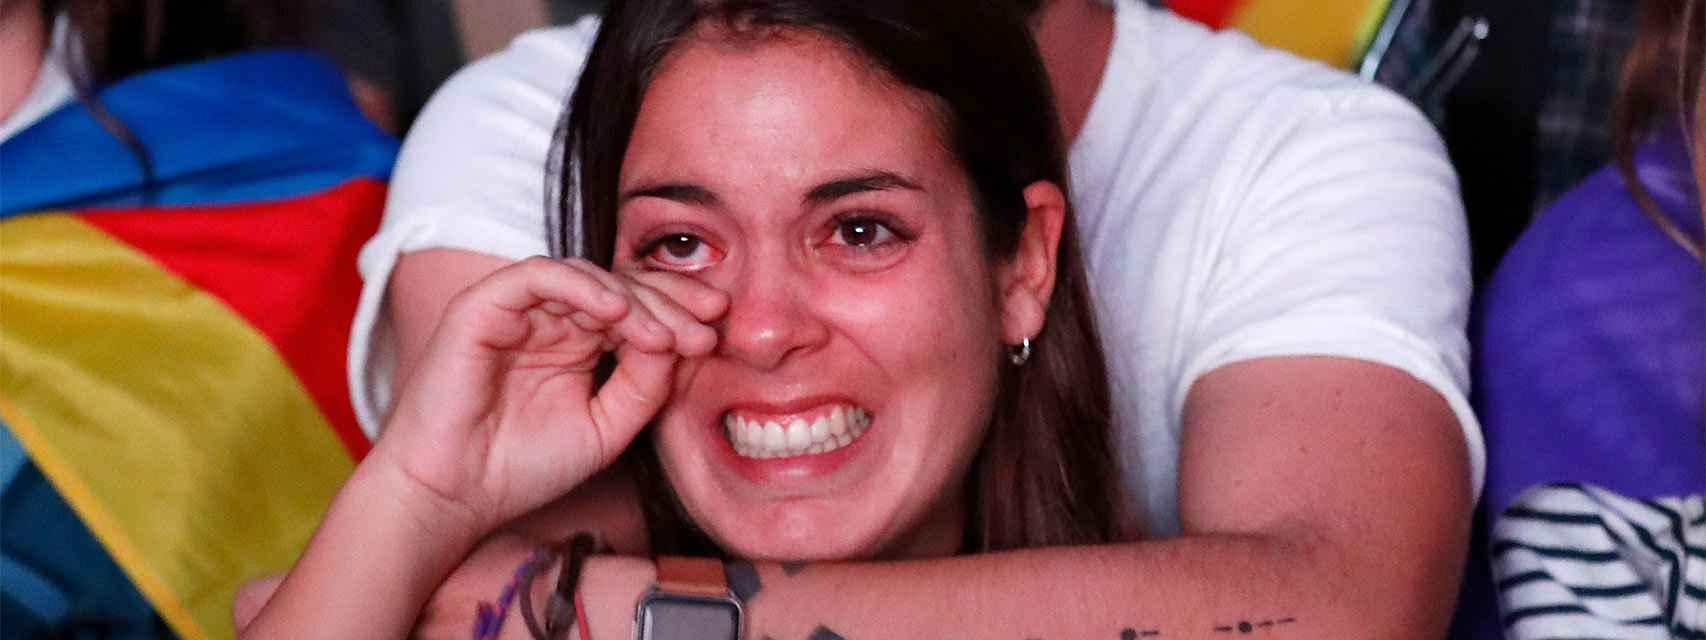 La reacción de una chica tras escuchar la declaración de Puigdemont.